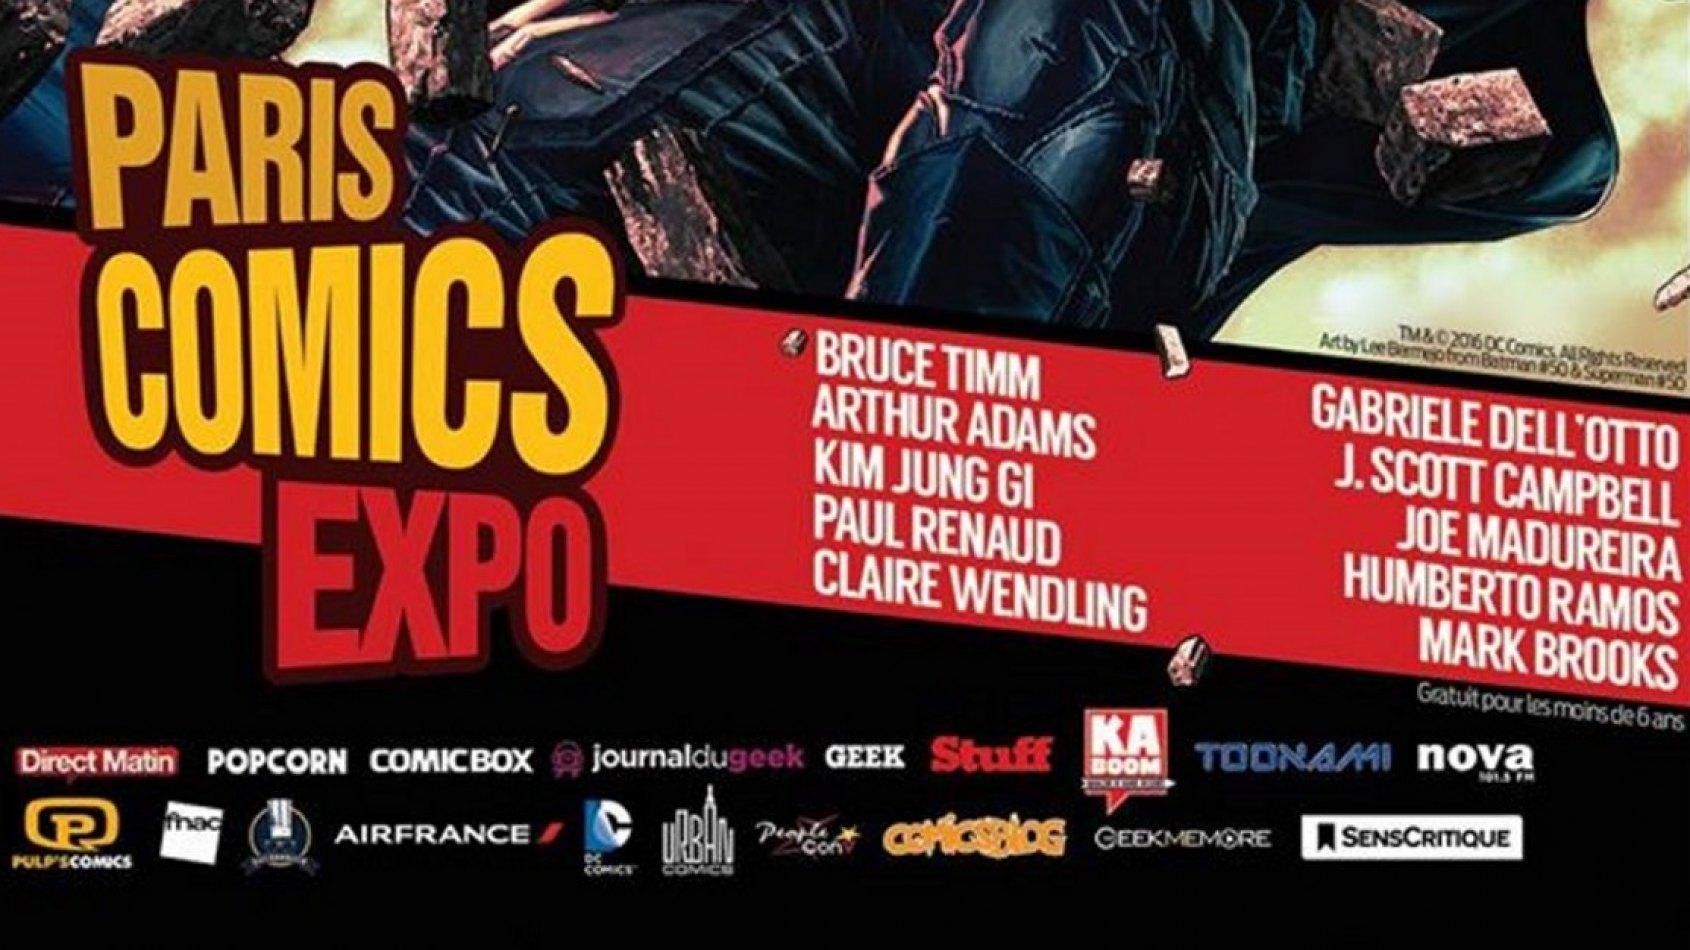 Une sortie Planète Star Wars pour Paris Comics Expo !